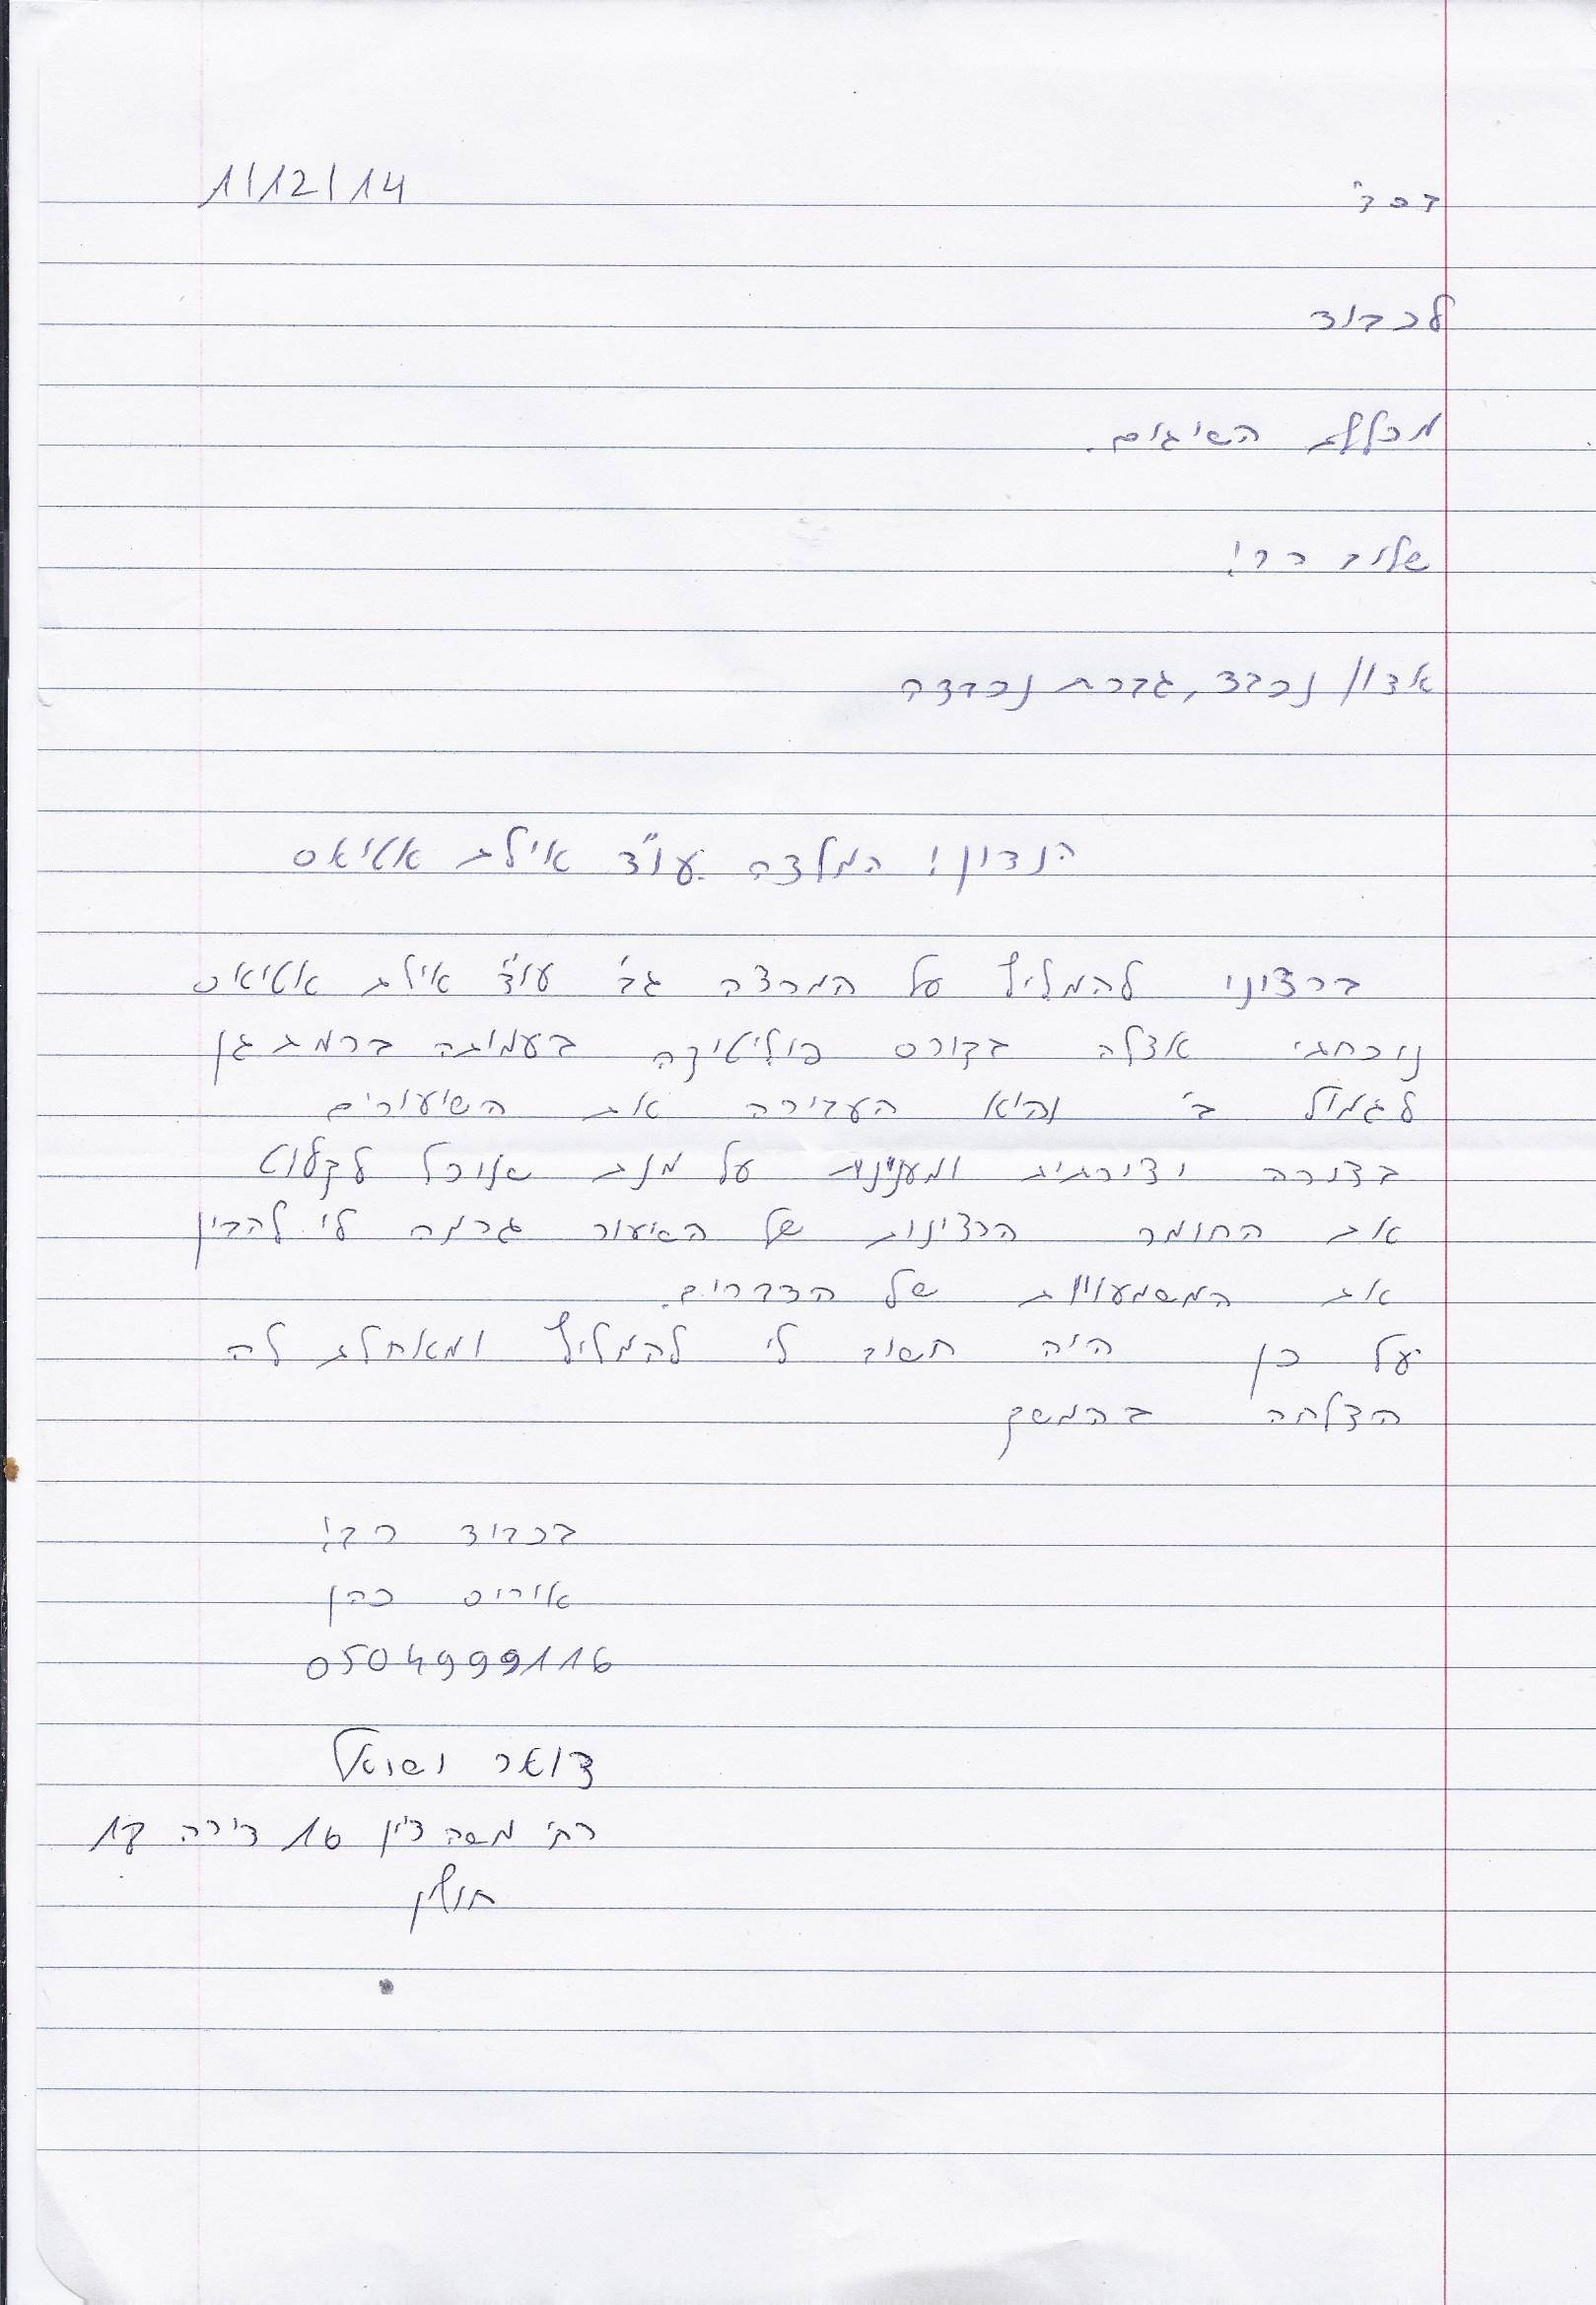 מכתב הוקרה קורס סוגיות משפטיות העמותה רמת גן עובדי דואר ישראל.jpg